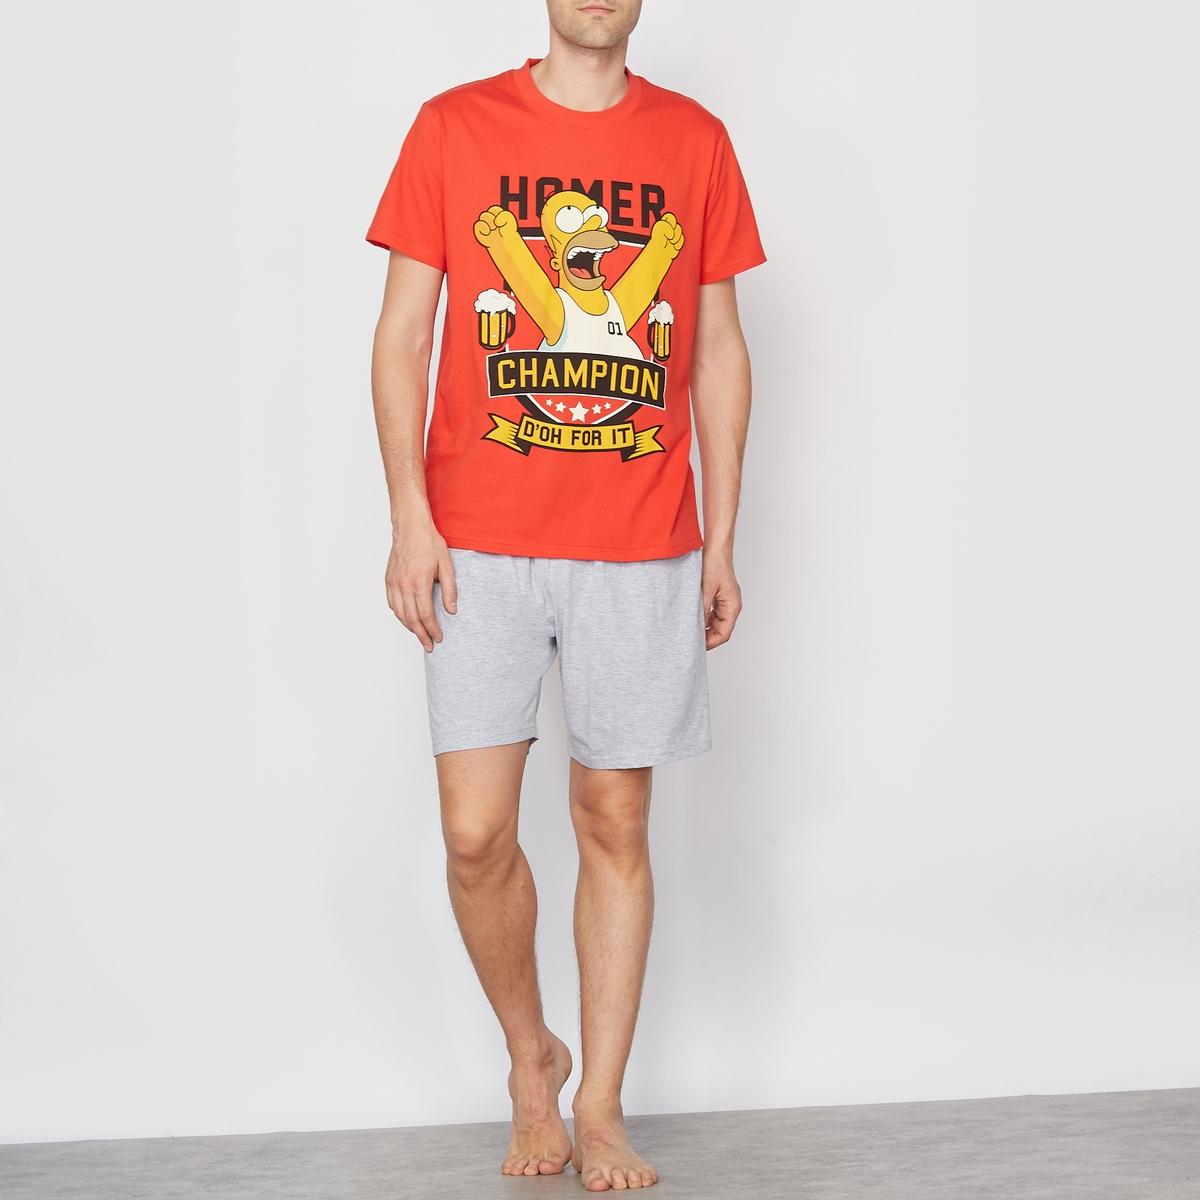 Пижама с шортамиПижама с шортами HOMER SIMPSONS. Футболка с короткими рукавами. Прямой покрой, круглый вырез. Шорты с эластичным поясом.       Состав &amp; Детали :Материал : 93% хлопка, 7% полиэстера.Марка : SIMPSONS.Уход :Машинная стирка при 30 °ССтирать вместе с одеждой подобных цветов.<br><br>Цвет: серый меланж/красный